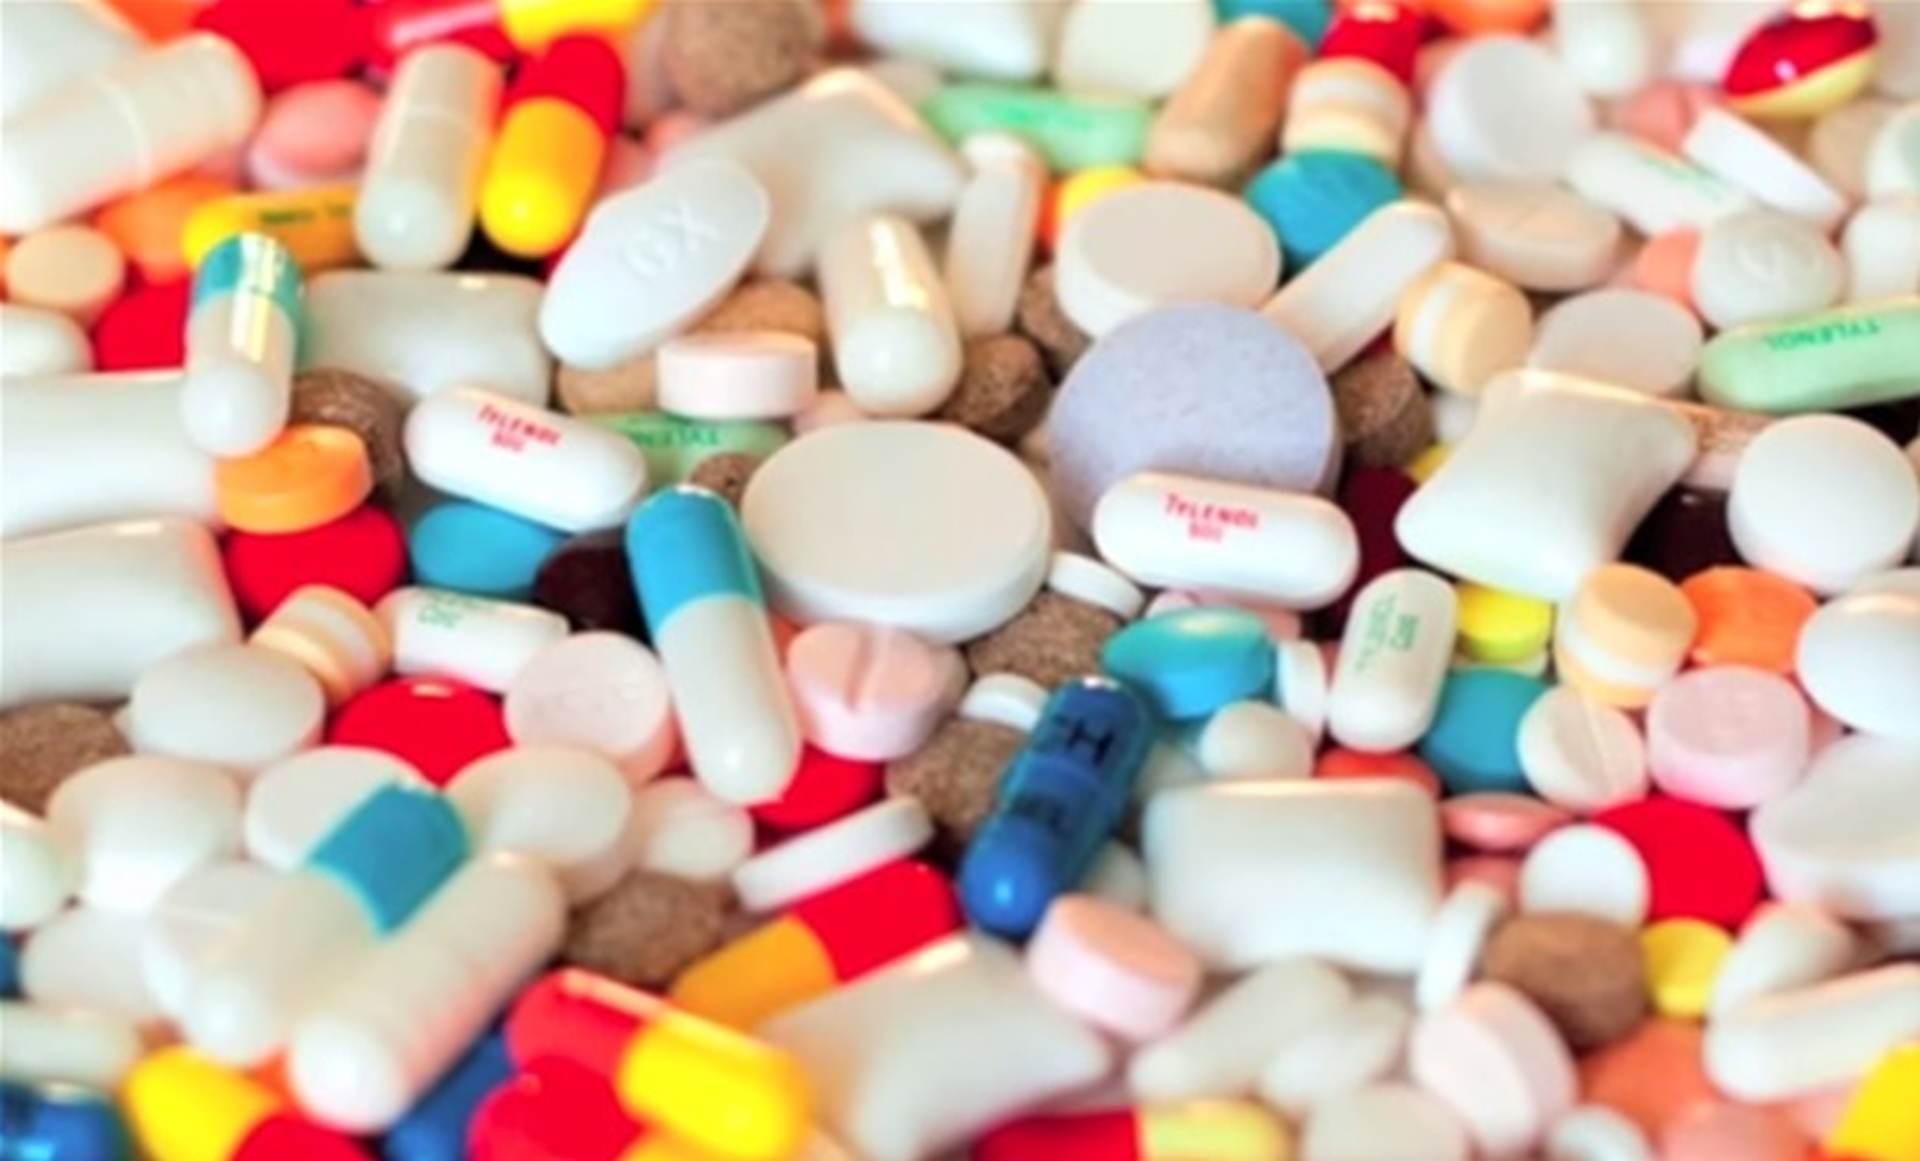 DOBRA INICIJATIVA Europska medicinska agencija (EMA) uvela novi hitni postupak odobravanja lijekova